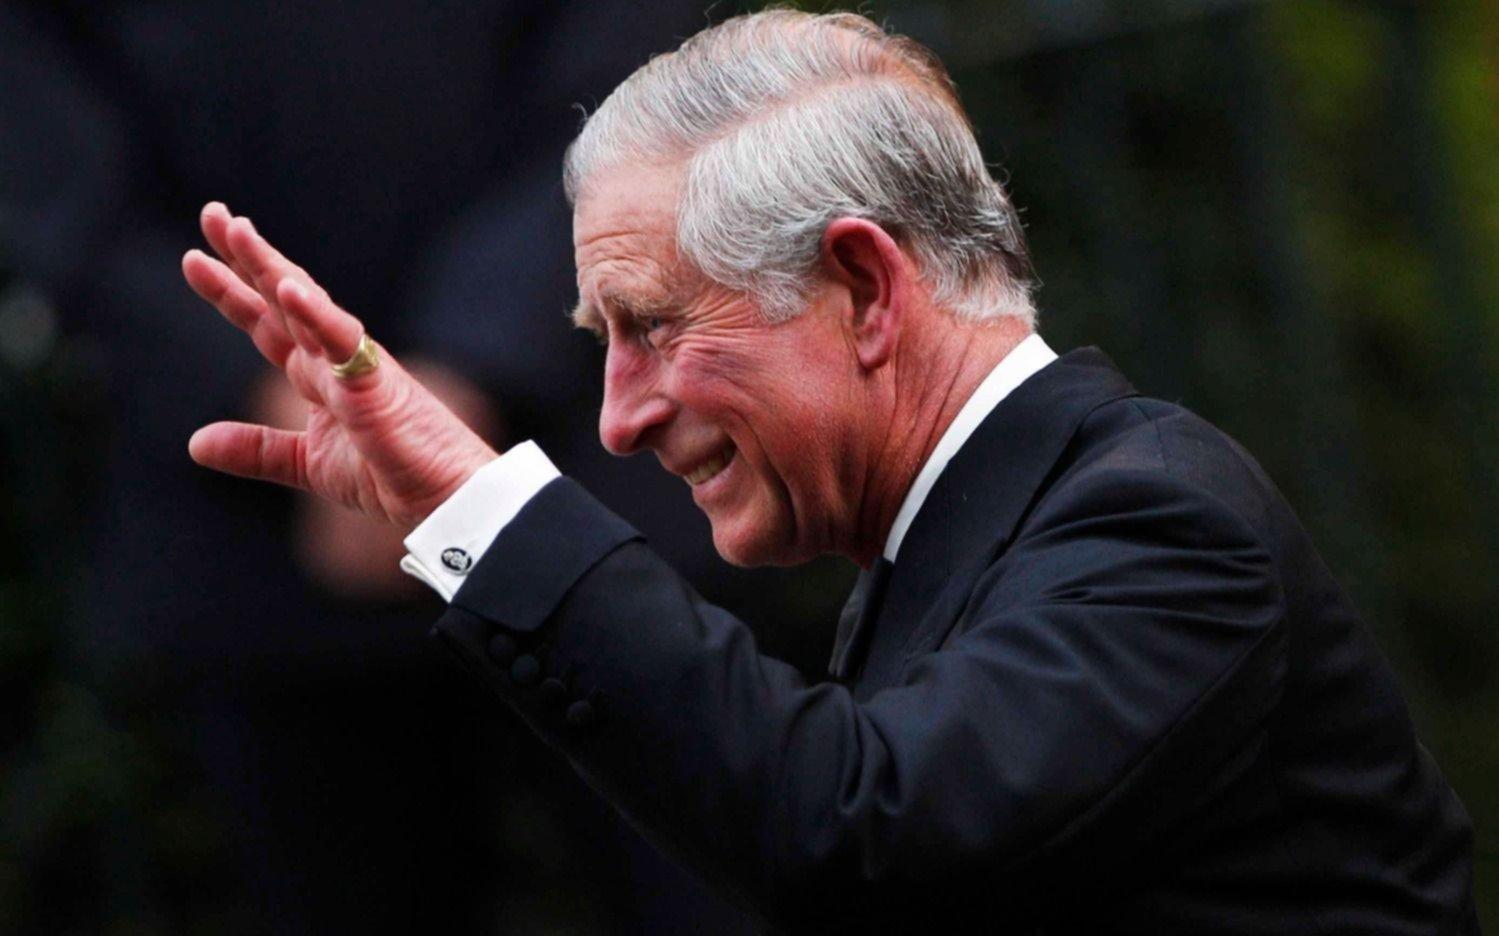 El Príncipe Carlos dio positivo por coronavirus y está en cuarentena